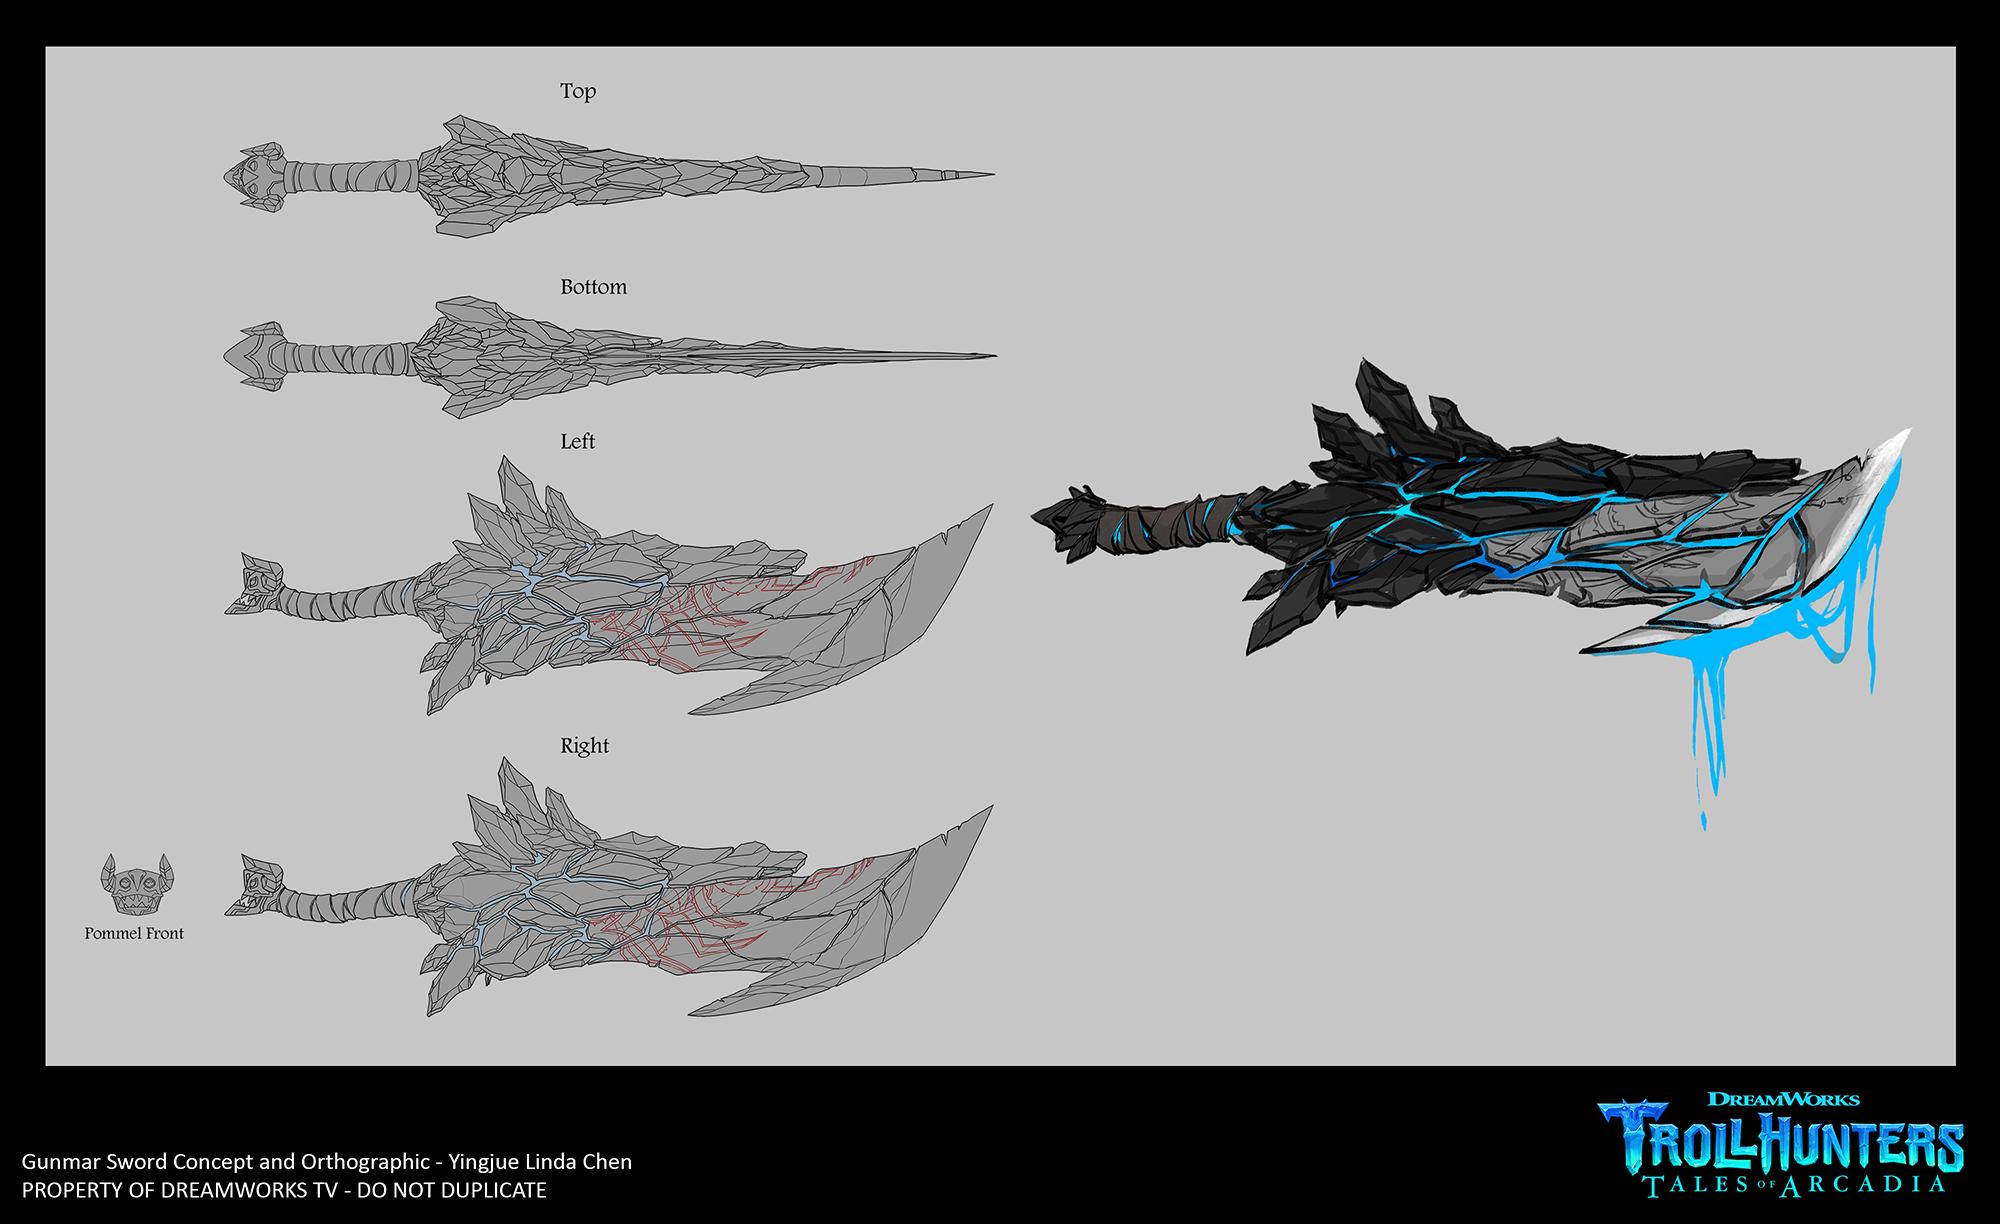 gunmar_sword.jpg